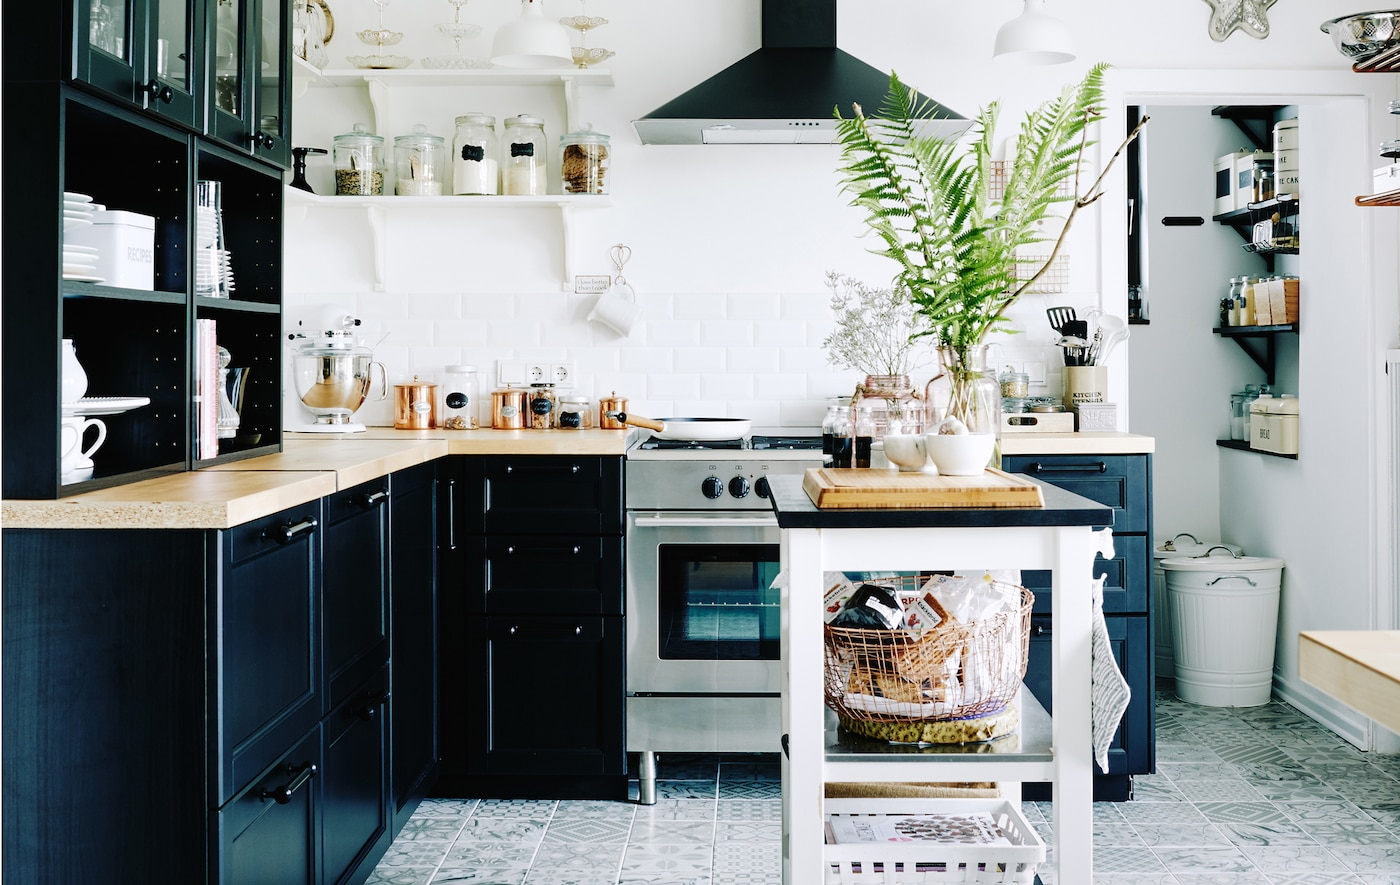 Schwarz-weiß eingerichtete, moderne Küche mit Vorratsbereich & Aufbewahrungslösungen.